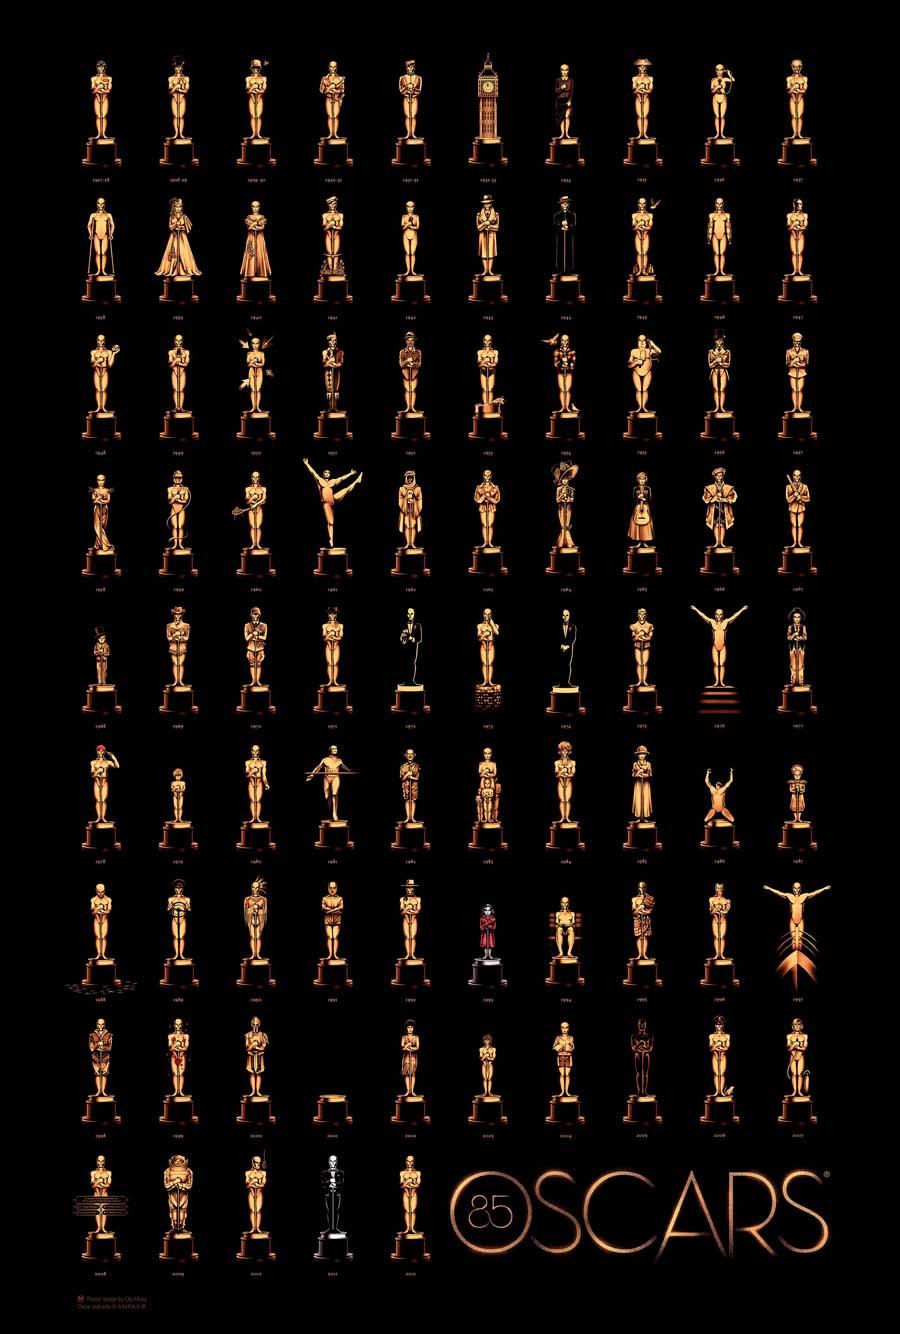 Ganadores Oscars 2013